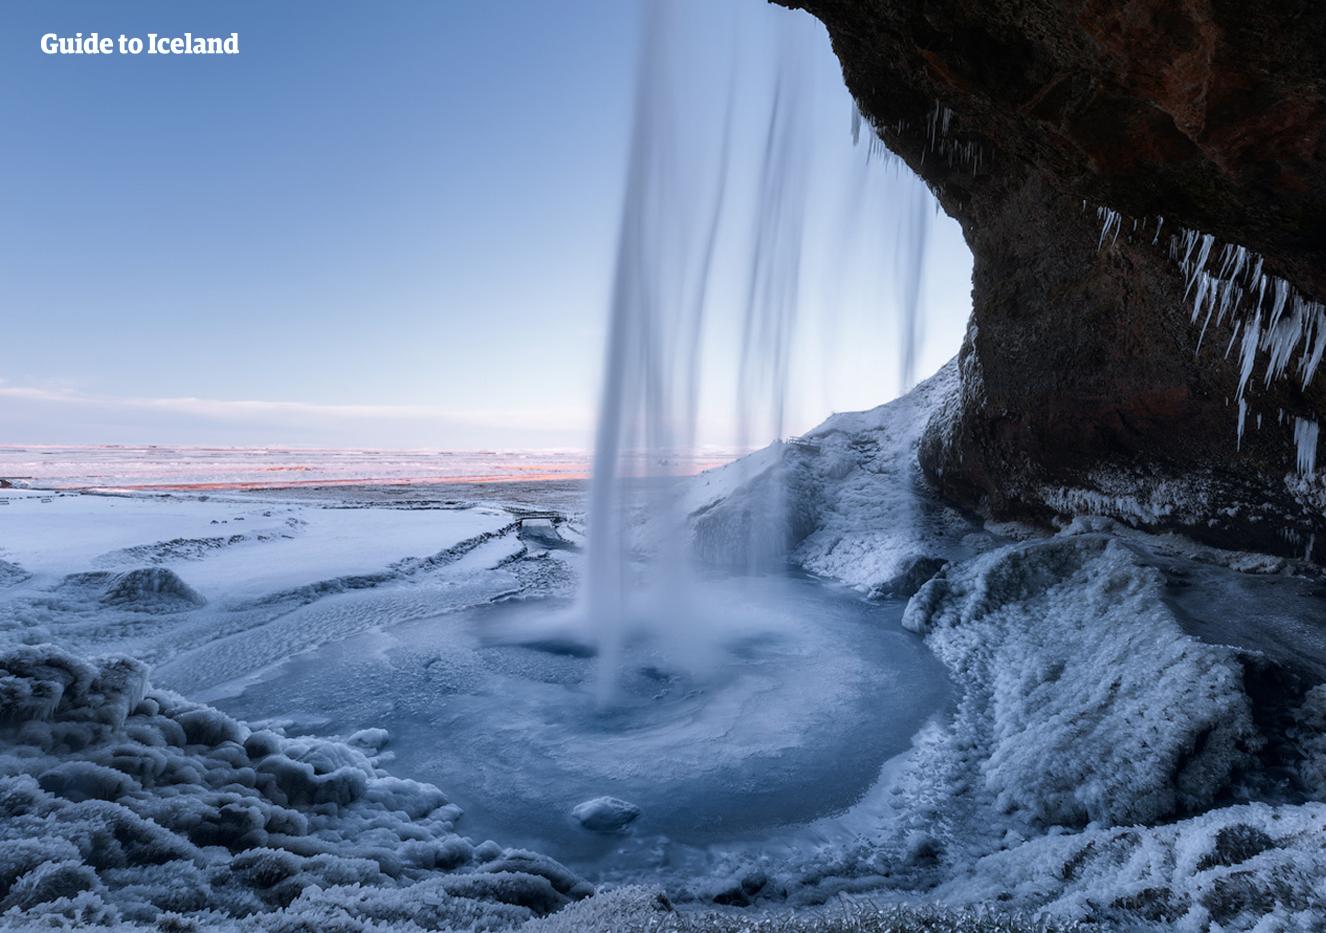 Det kalde landskapet sett fra bak vannfallet til Seljalandsfoss på sørkysten av Island